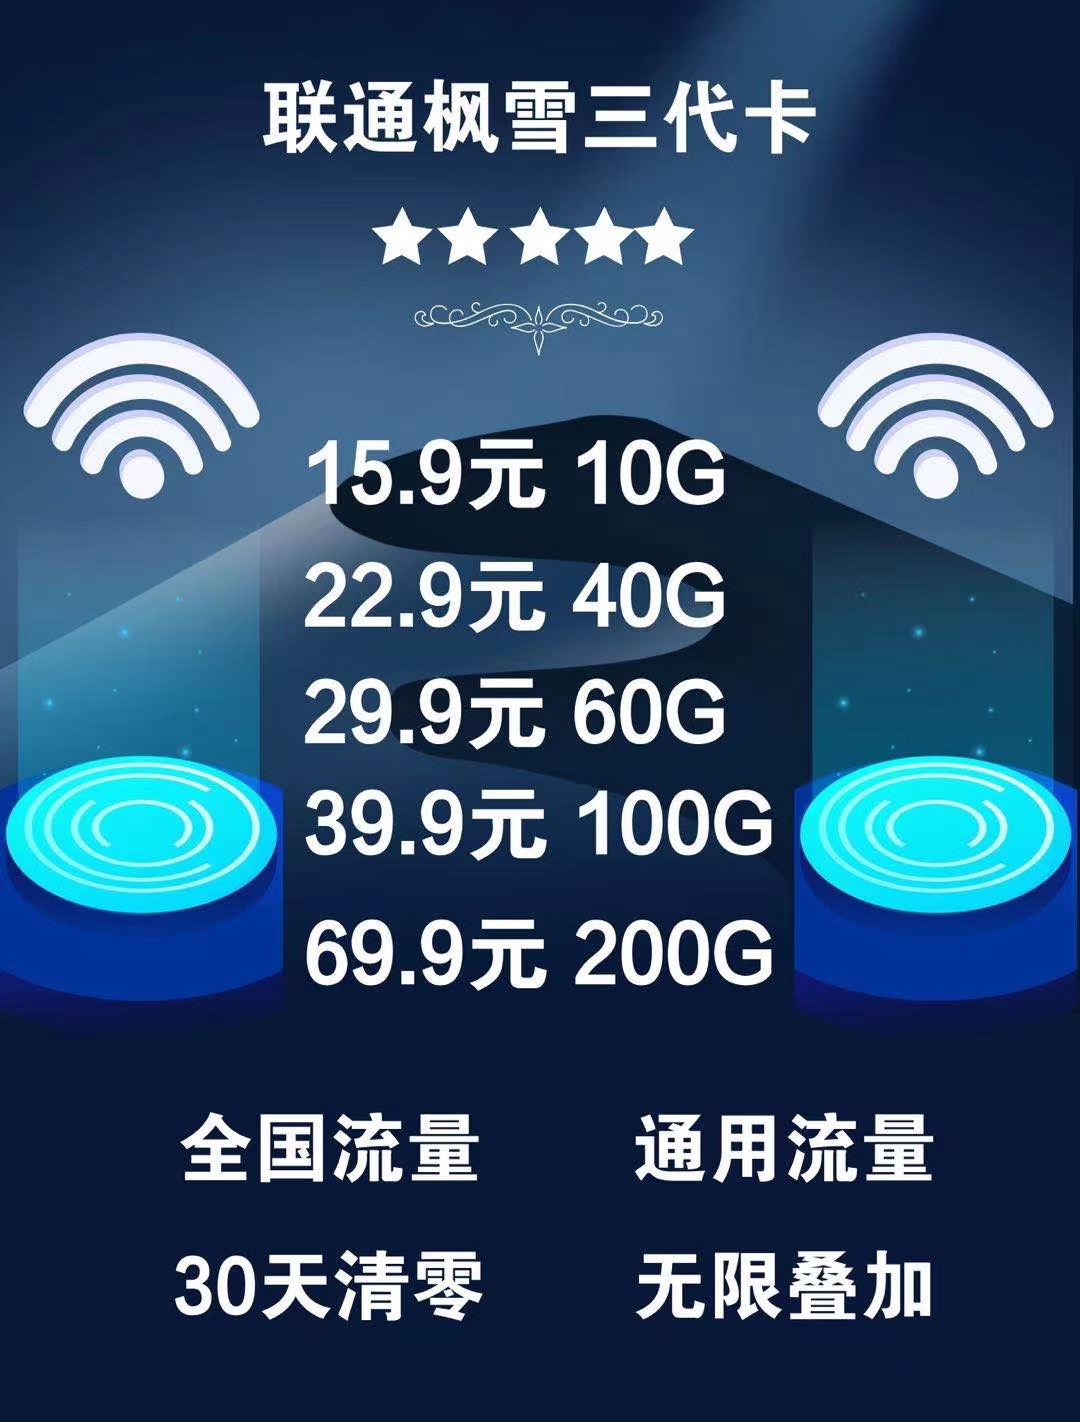 推荐自用流量卡和无限WiFi设备